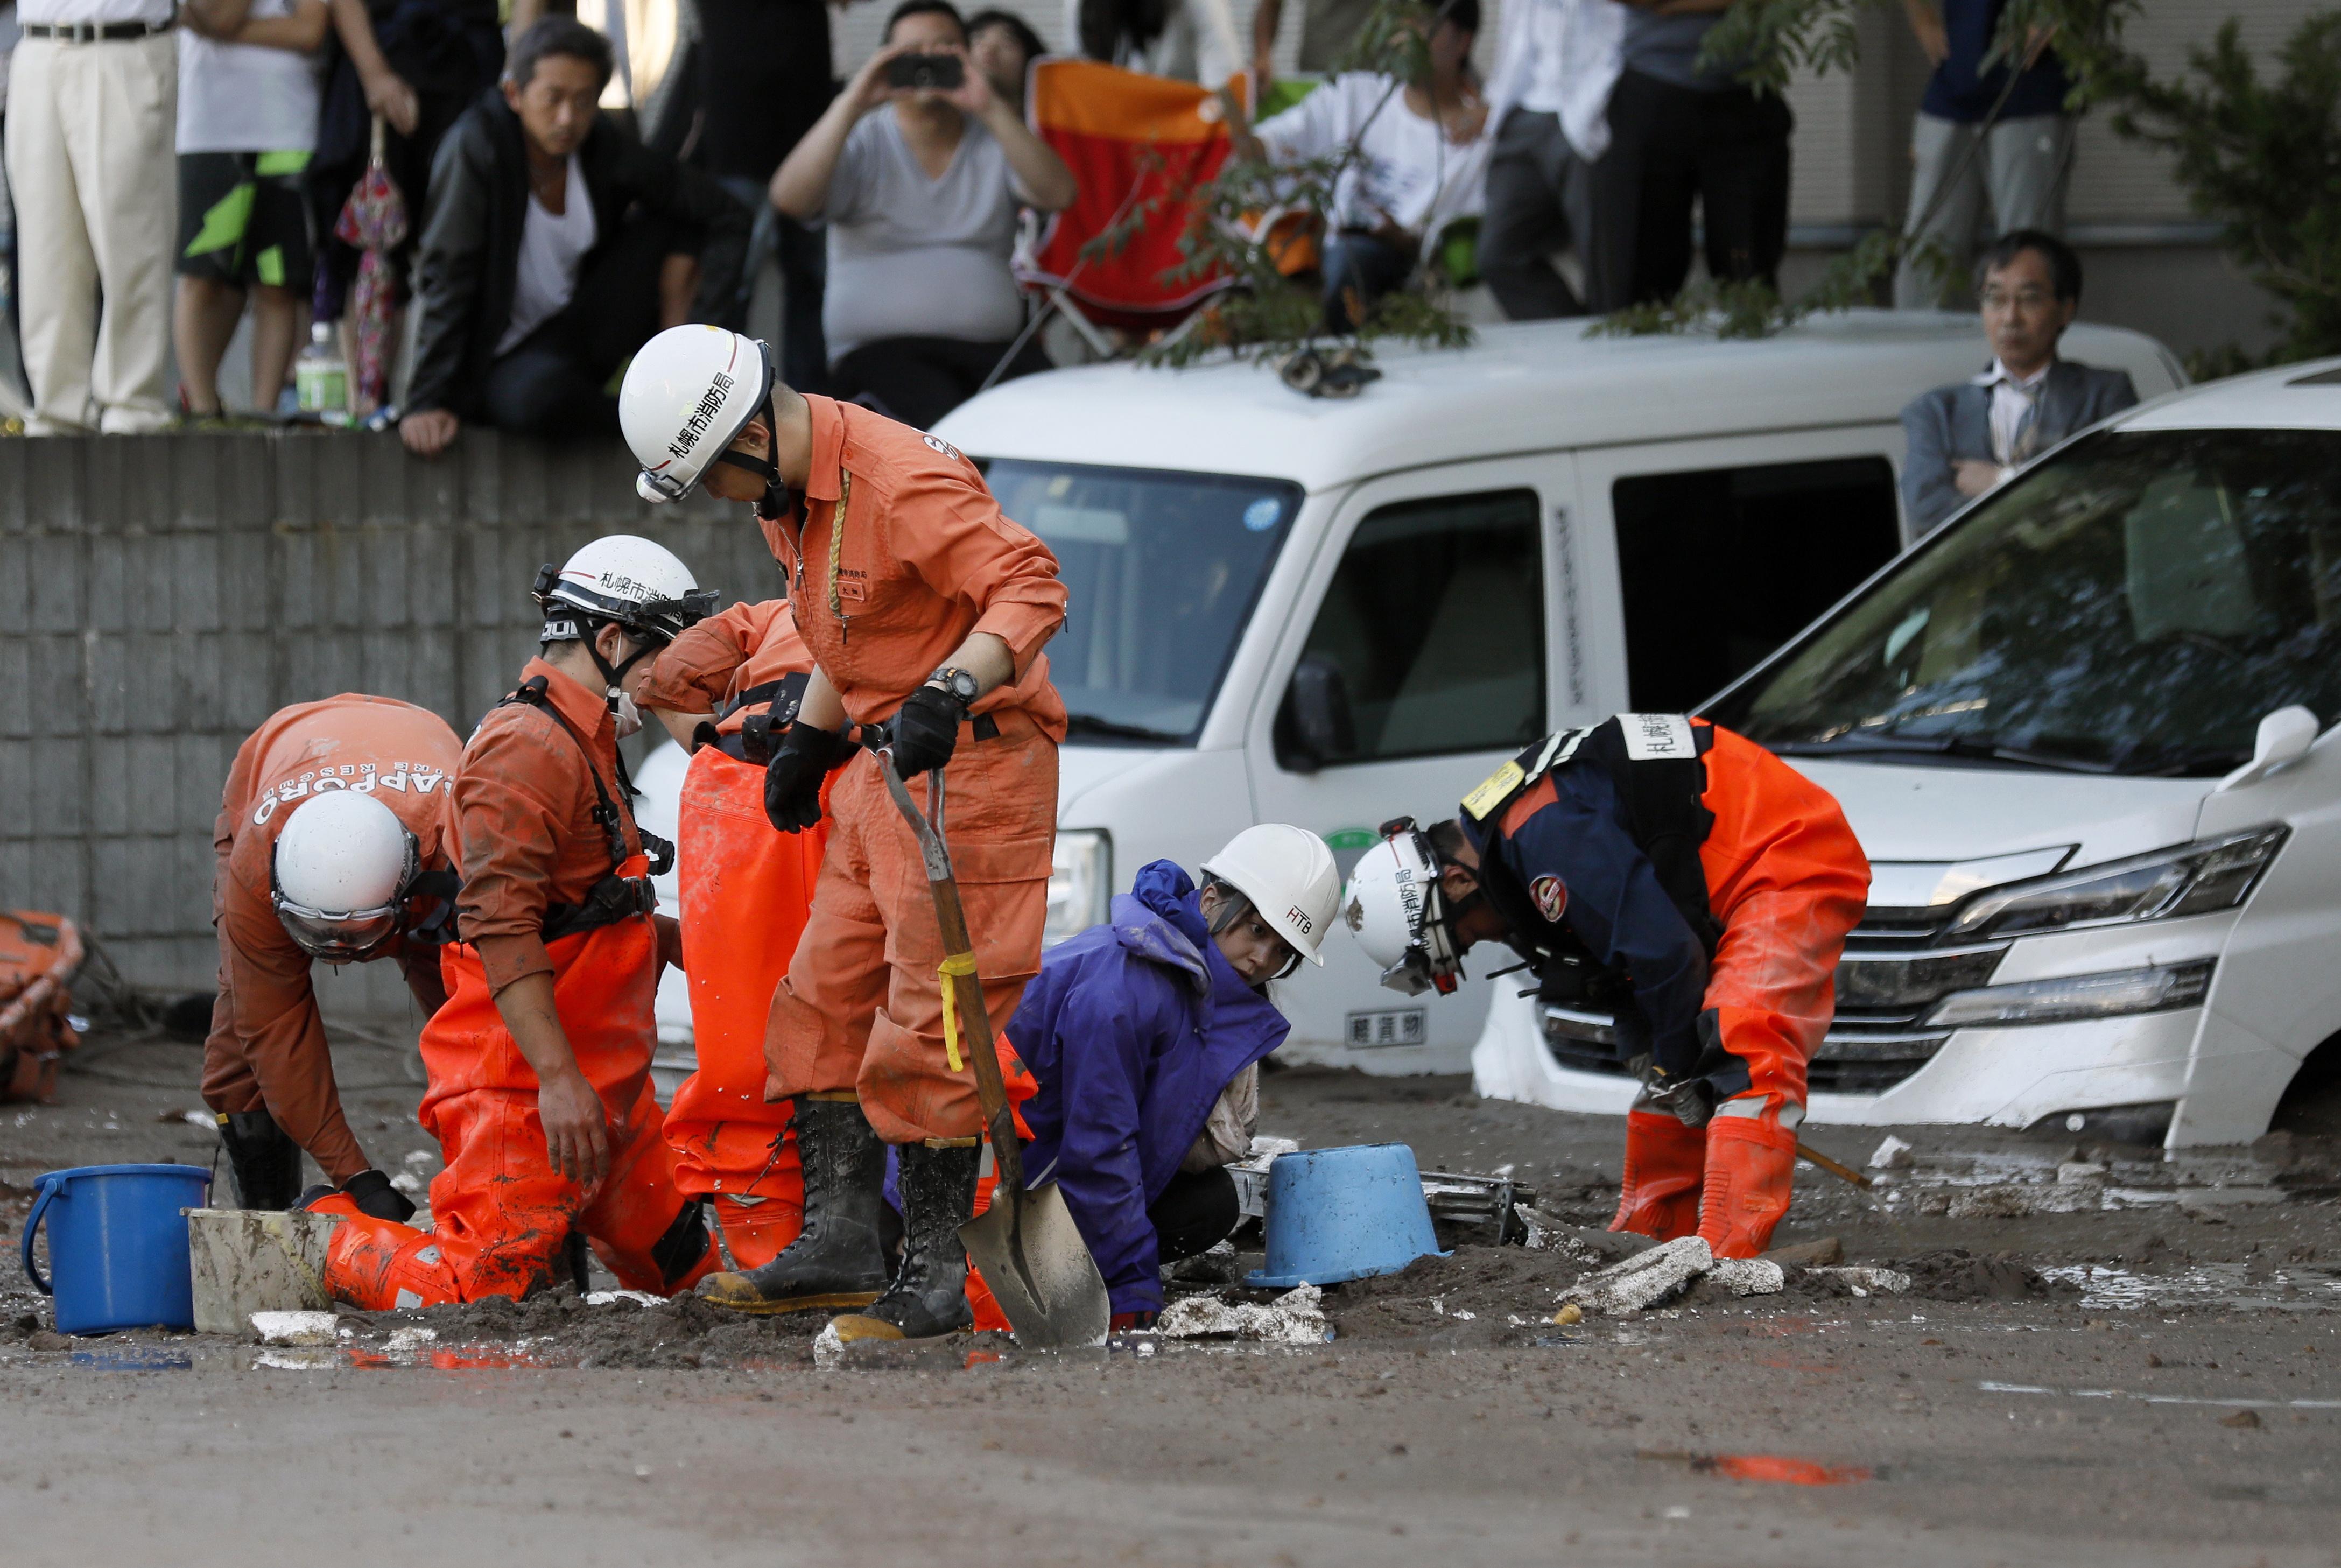 Броят на жертвите на силното земетресение, ударило вчера японския остров Хокайдо, нарасна на осем, след като в развалините на къща в планинското селище Ацума бяха открити още пет трупа, съобщи Франс прес, като цитира телевизия Ен Ейч Кей. Най-малко 39 души се водят за изчезнали в Ацума, където трусът с магнитуд 6,6 е предизвикал огромни свлачища, затрупал къщи и пътища. Над 120 са ранените.